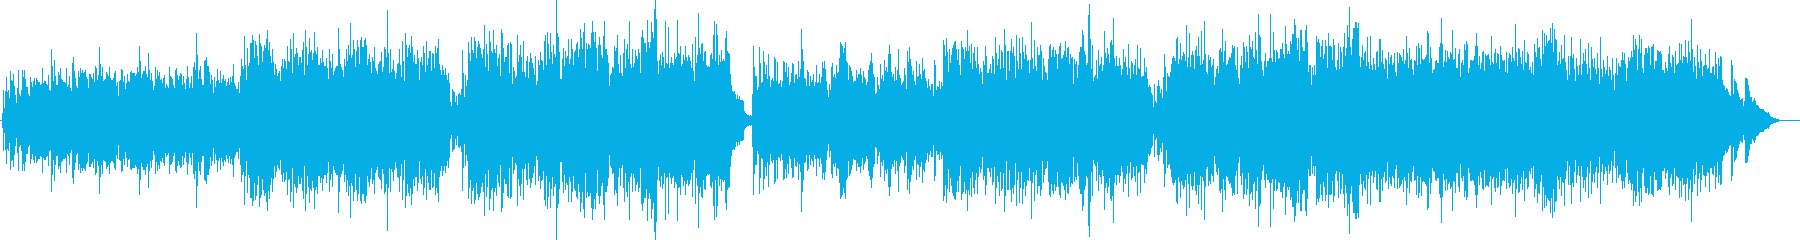 叙情的で切ないブルーグラスの再生済みの波形